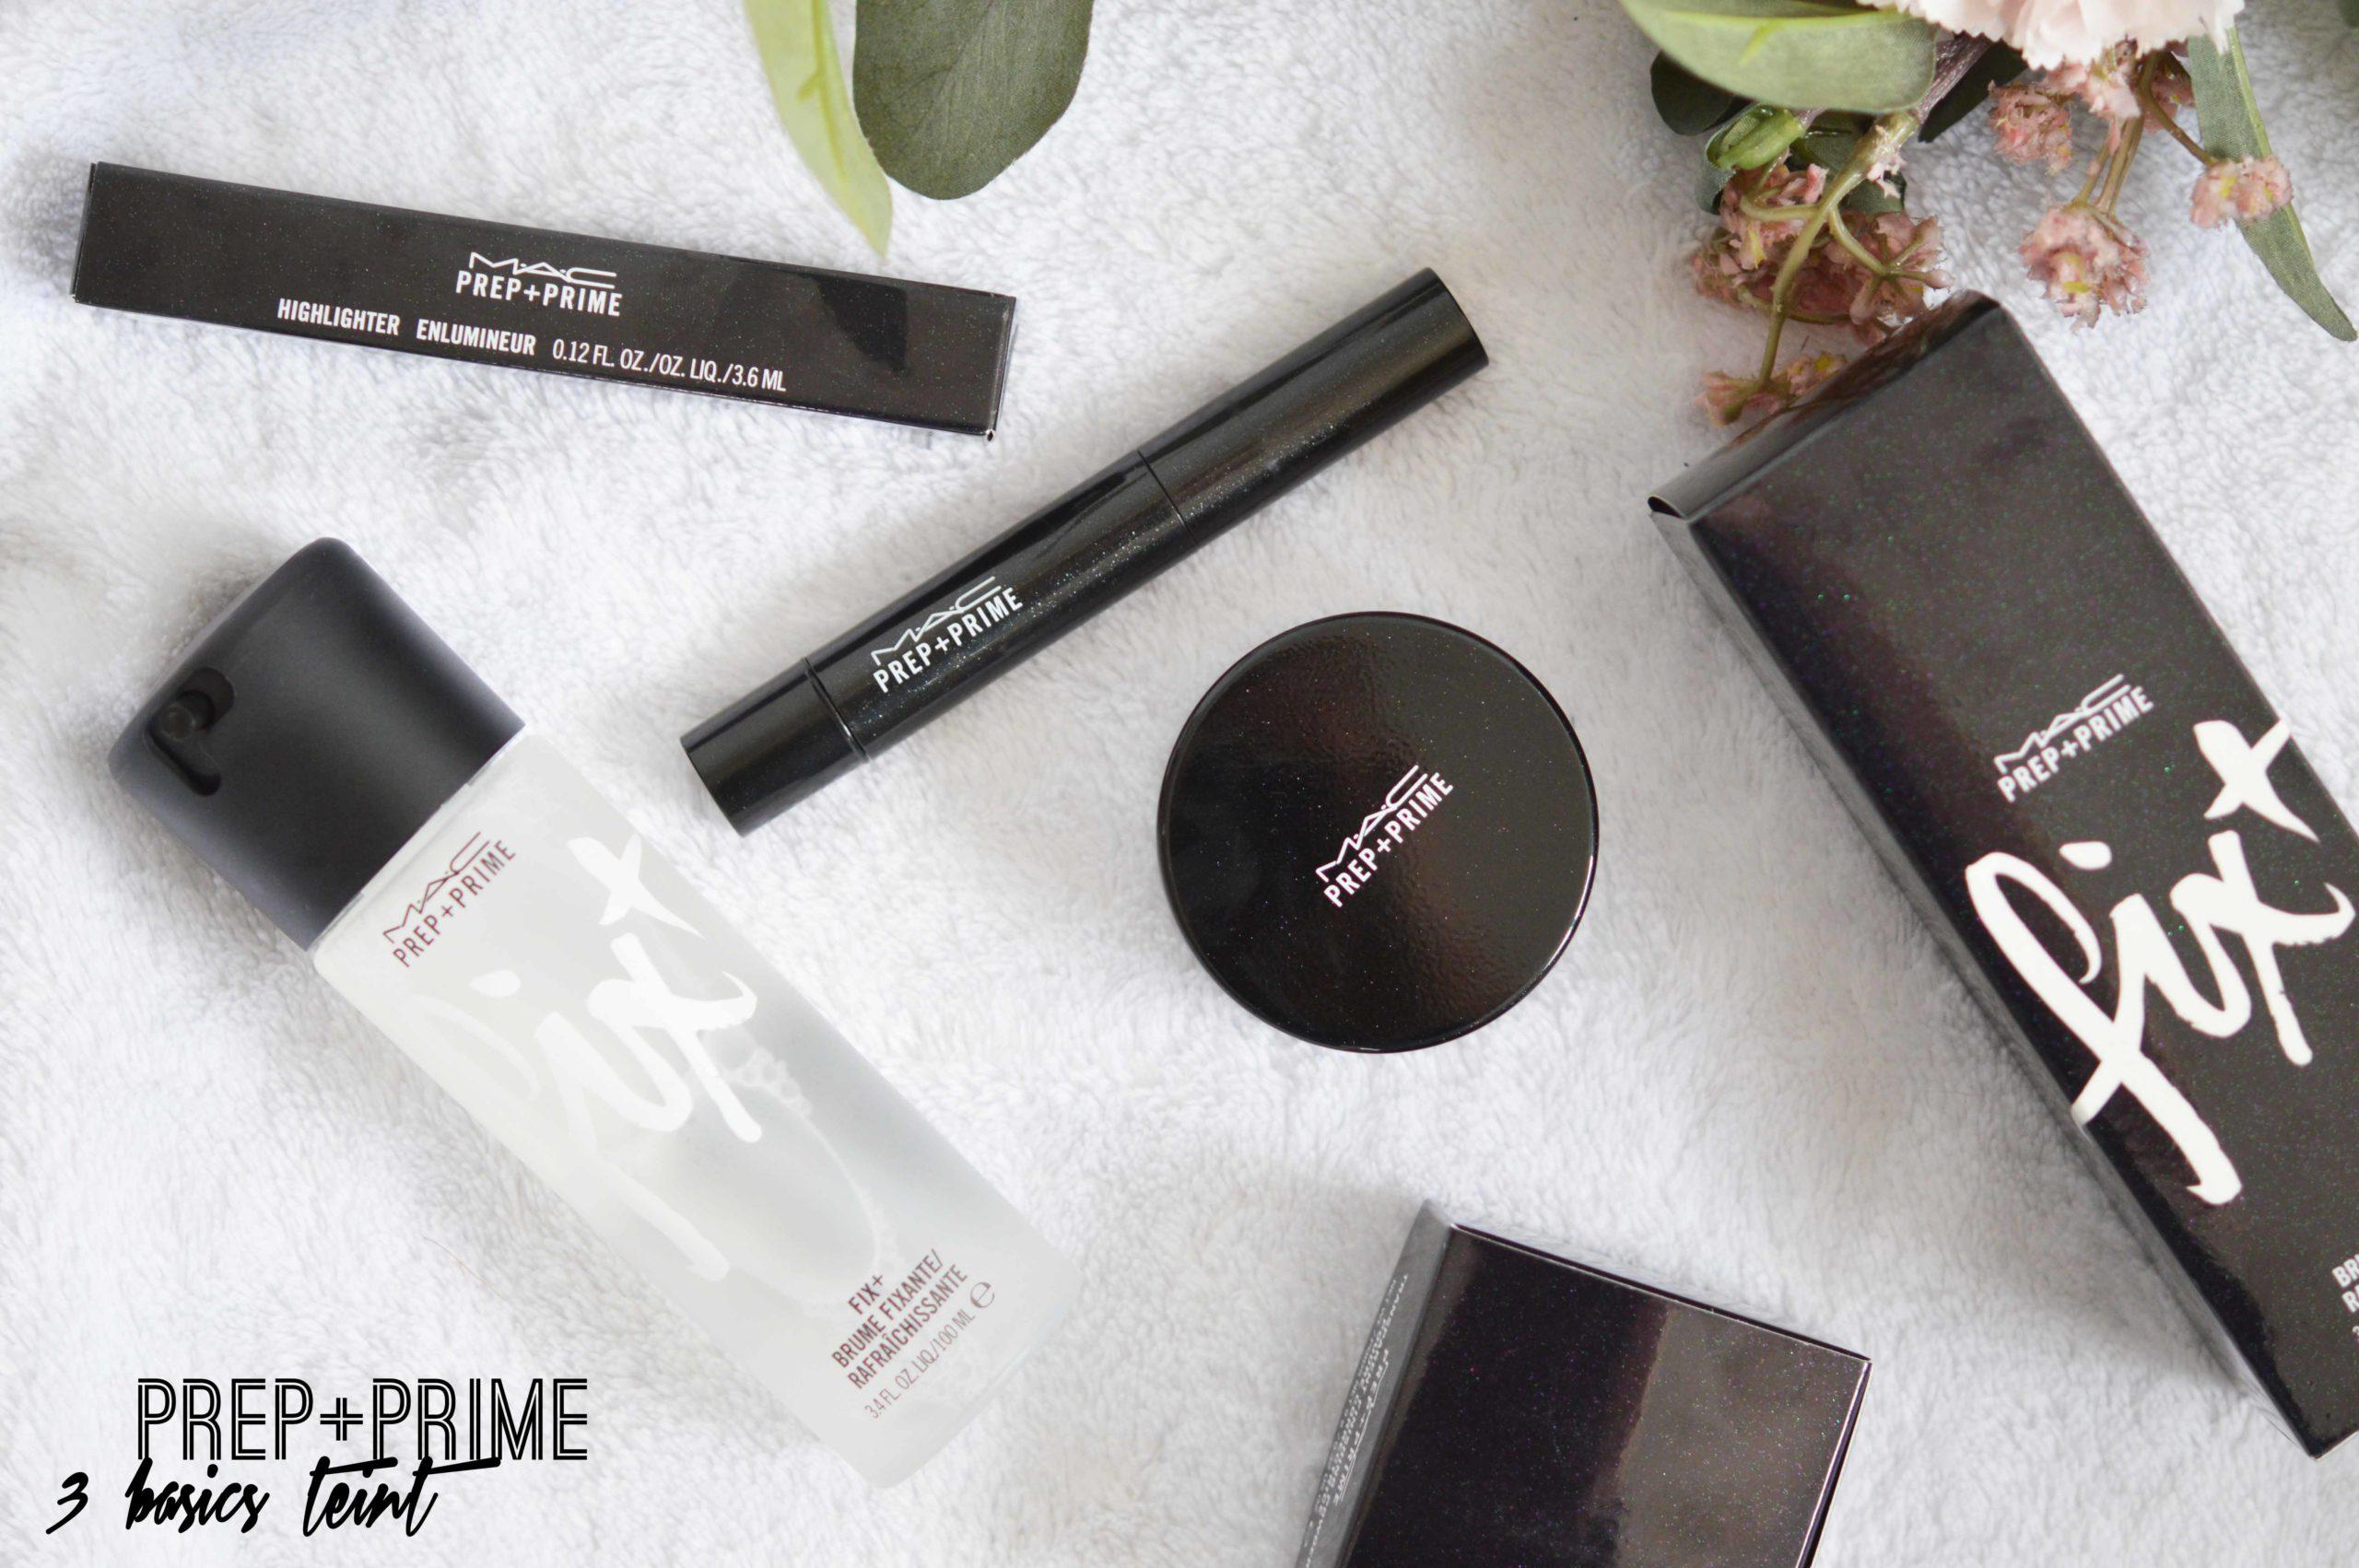 3 basics mac cosmetics prams lesquels le fix+, l'enlumineur stylo et la poudre translucide